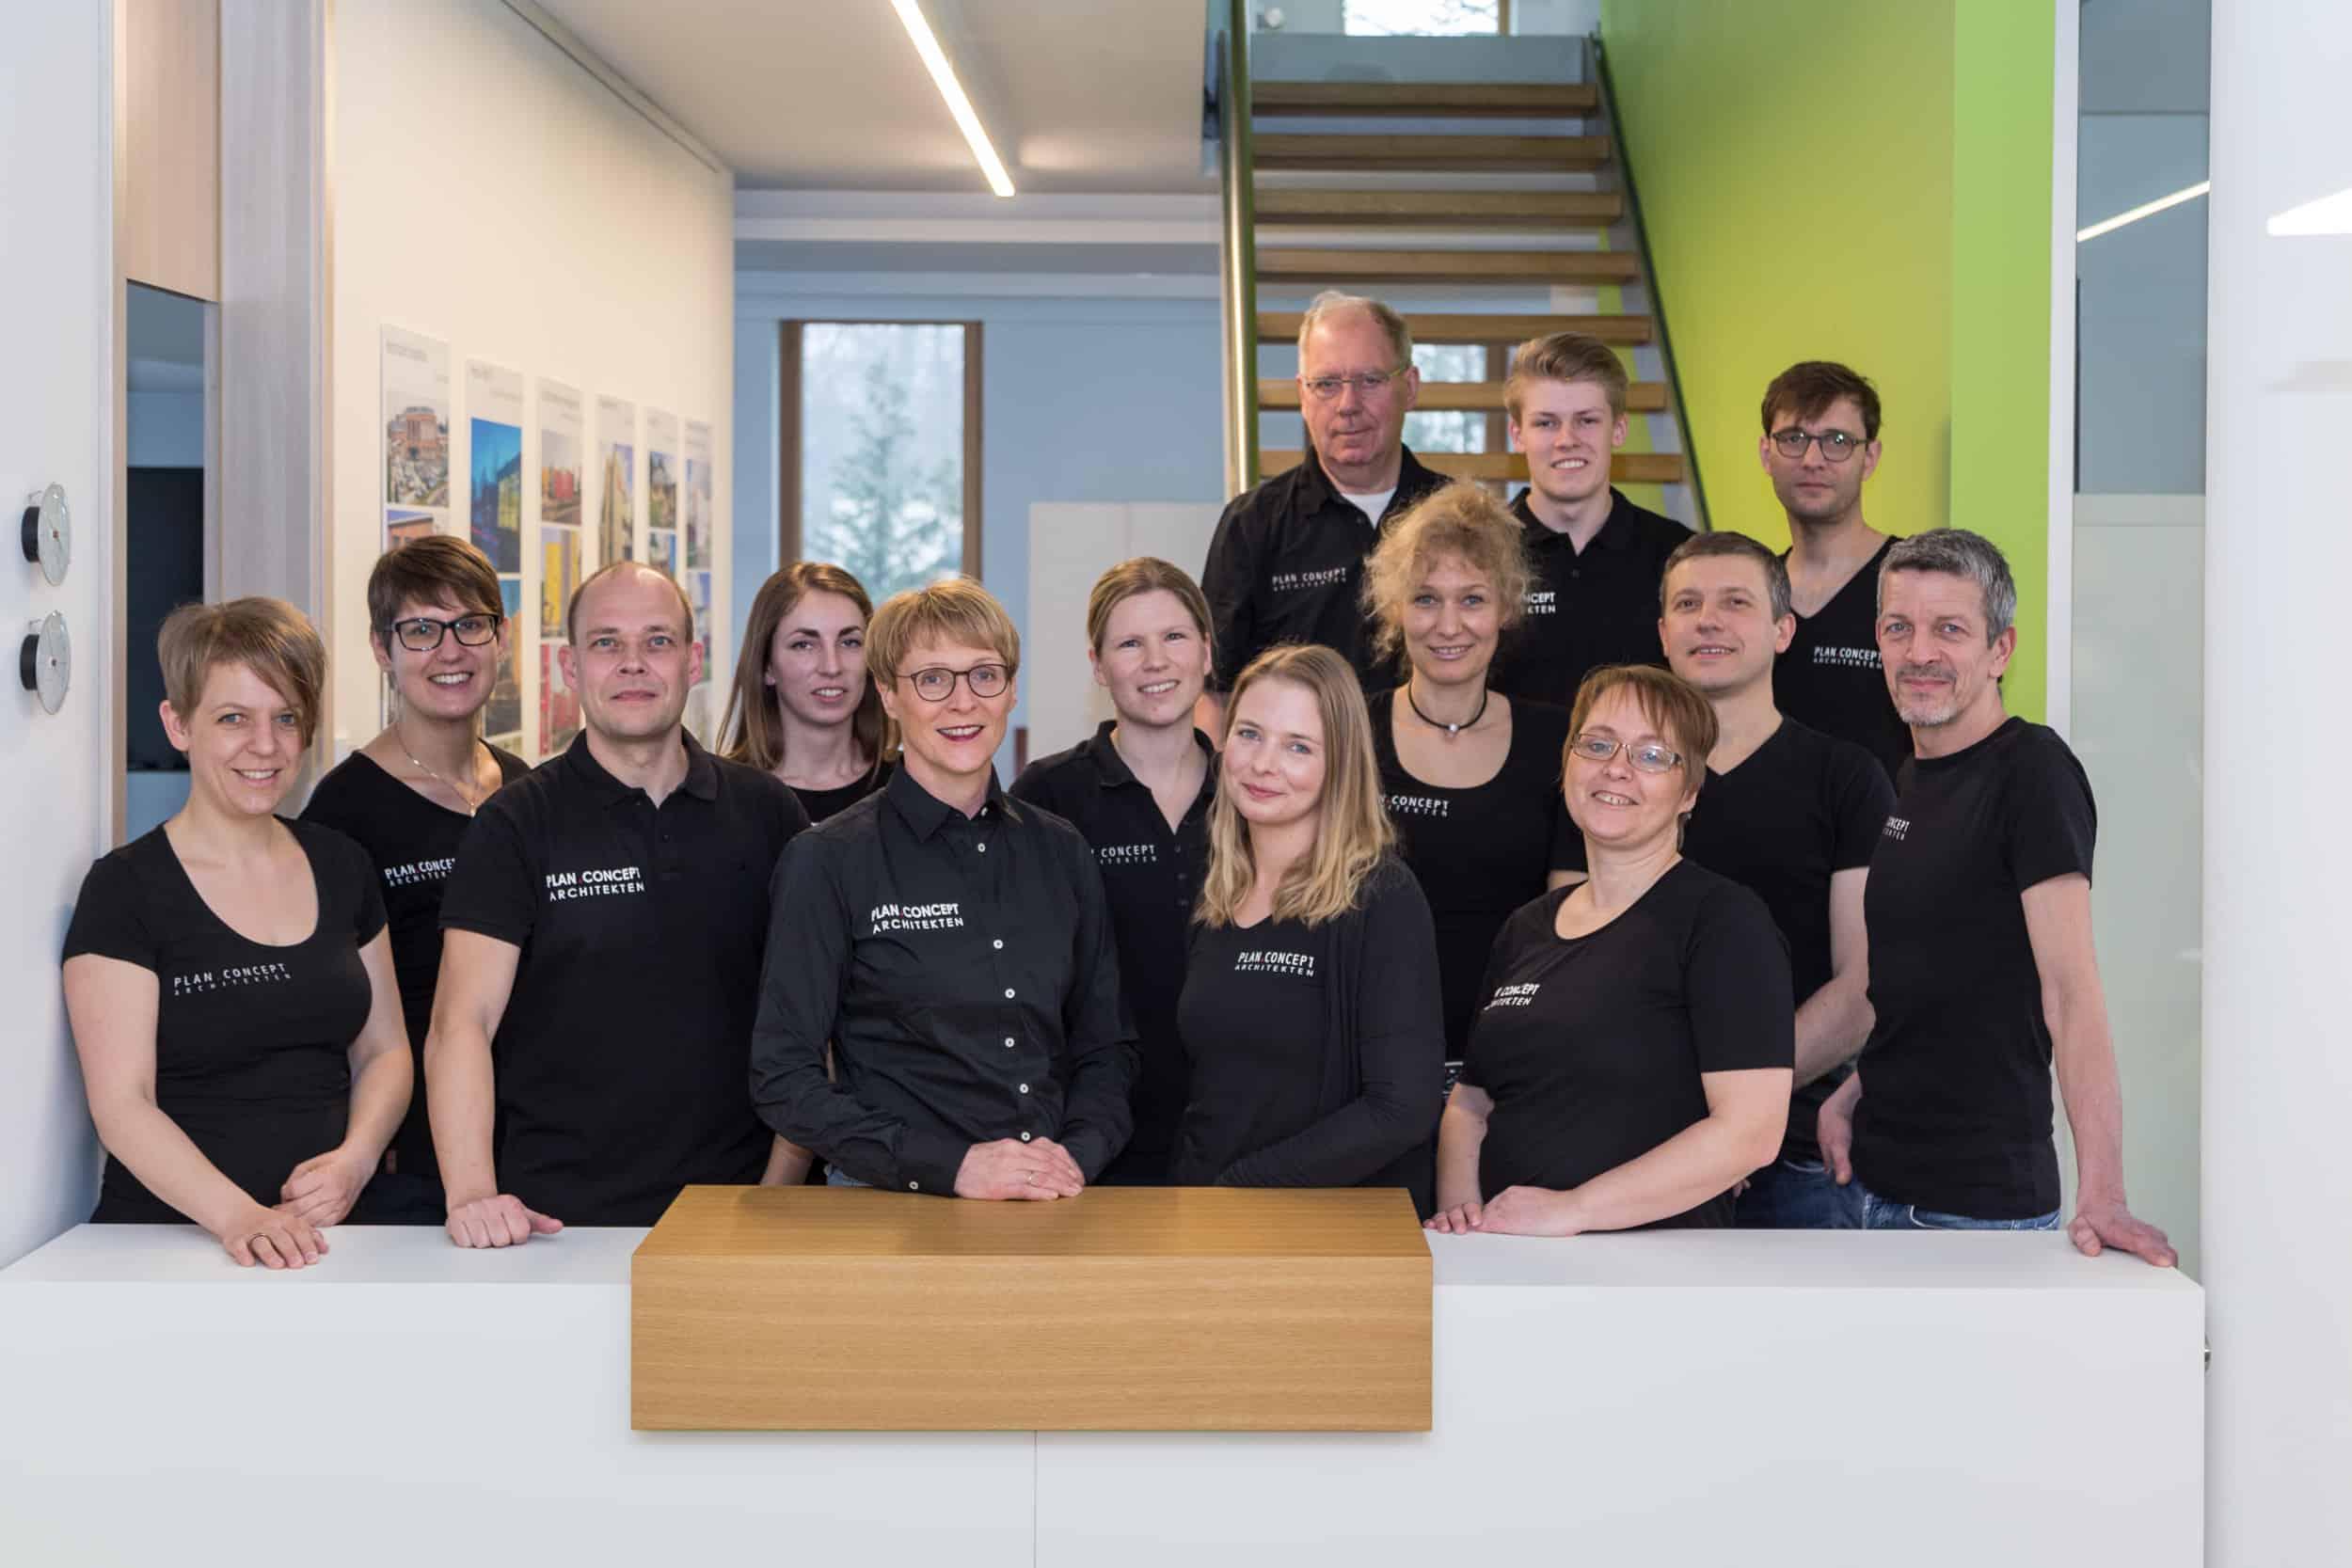 Die Mitarbeiter der PLAN.CONCEPT Architekten GmbH in Osnabrück